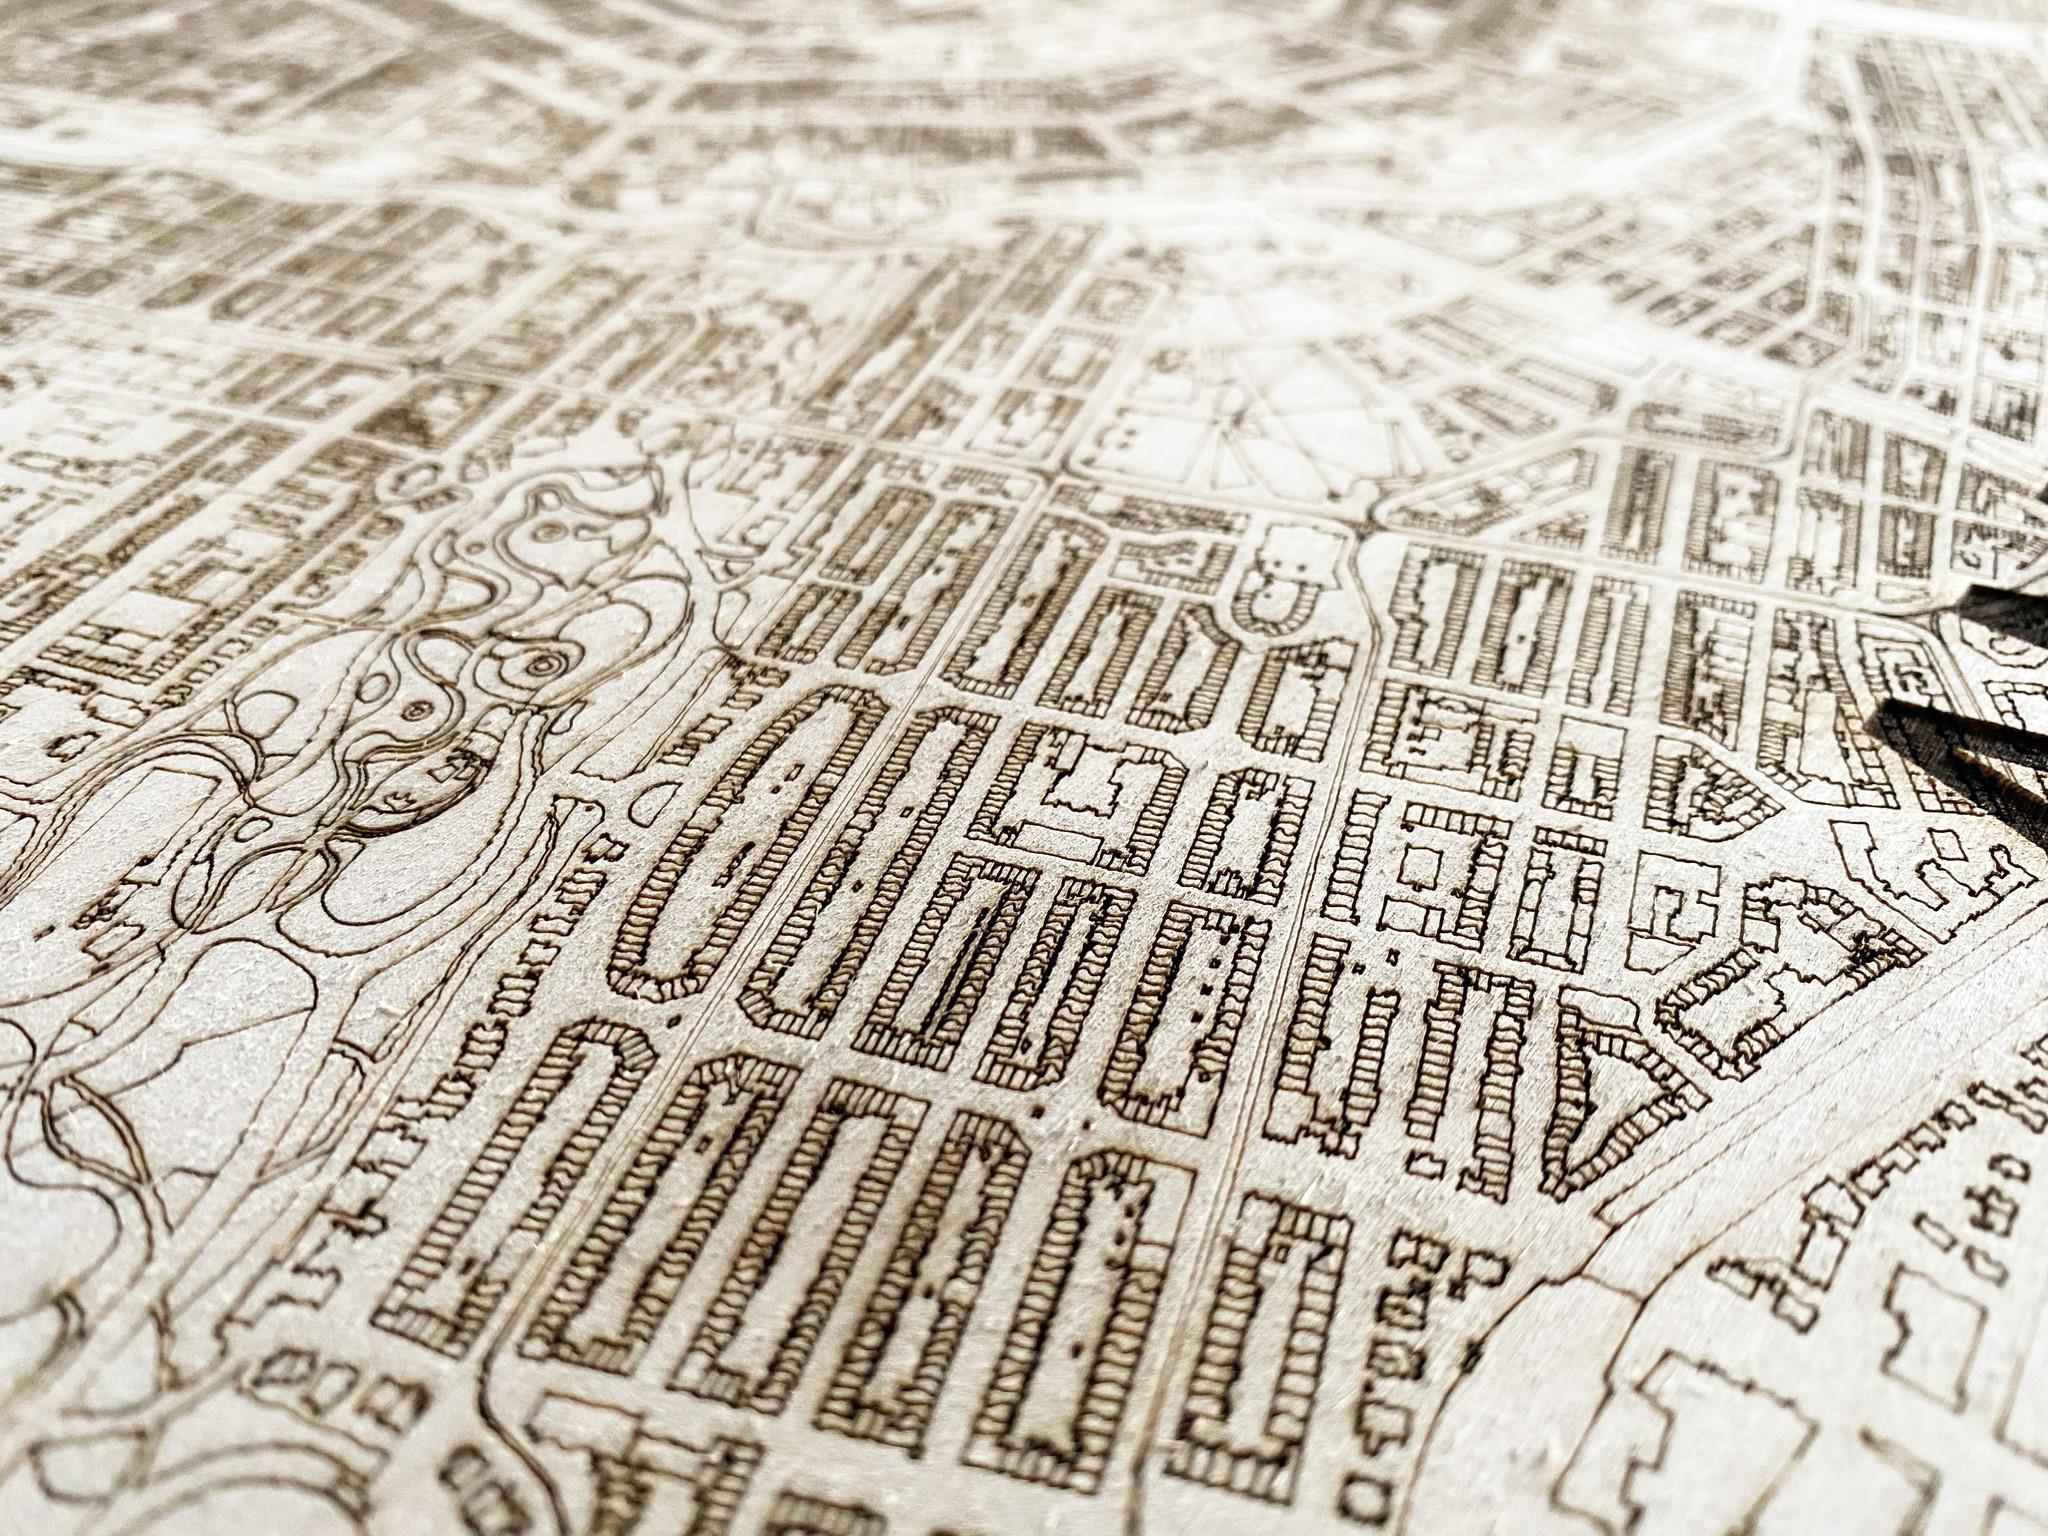 Houten stadsplattegrond Workum-2